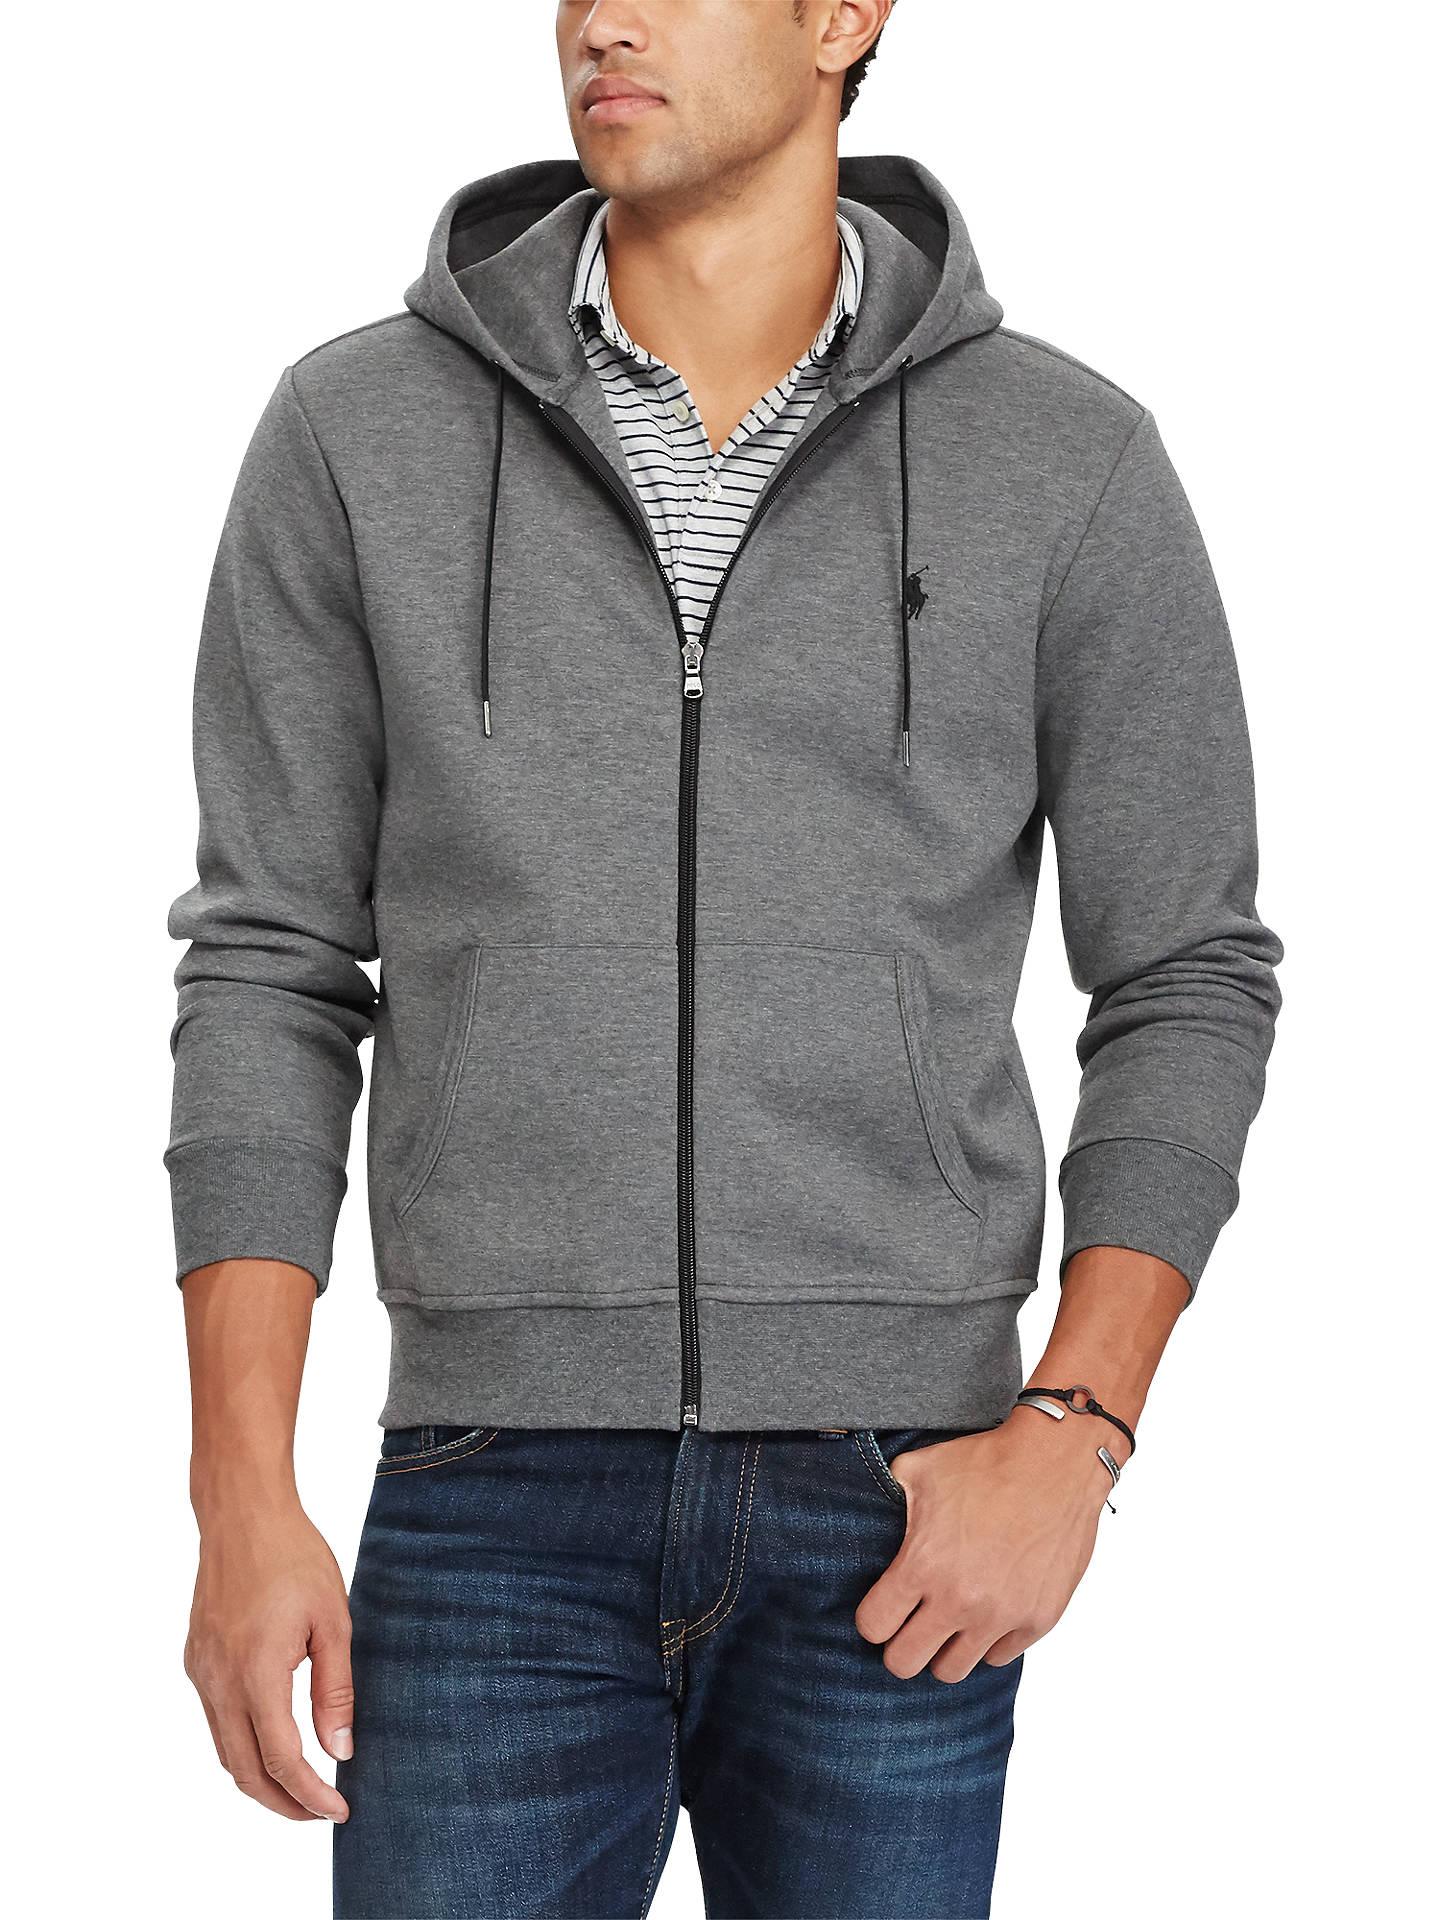 52b11c4202a Buy Polo Ralph Lauren Zip Pocket Full Zip Hoodie